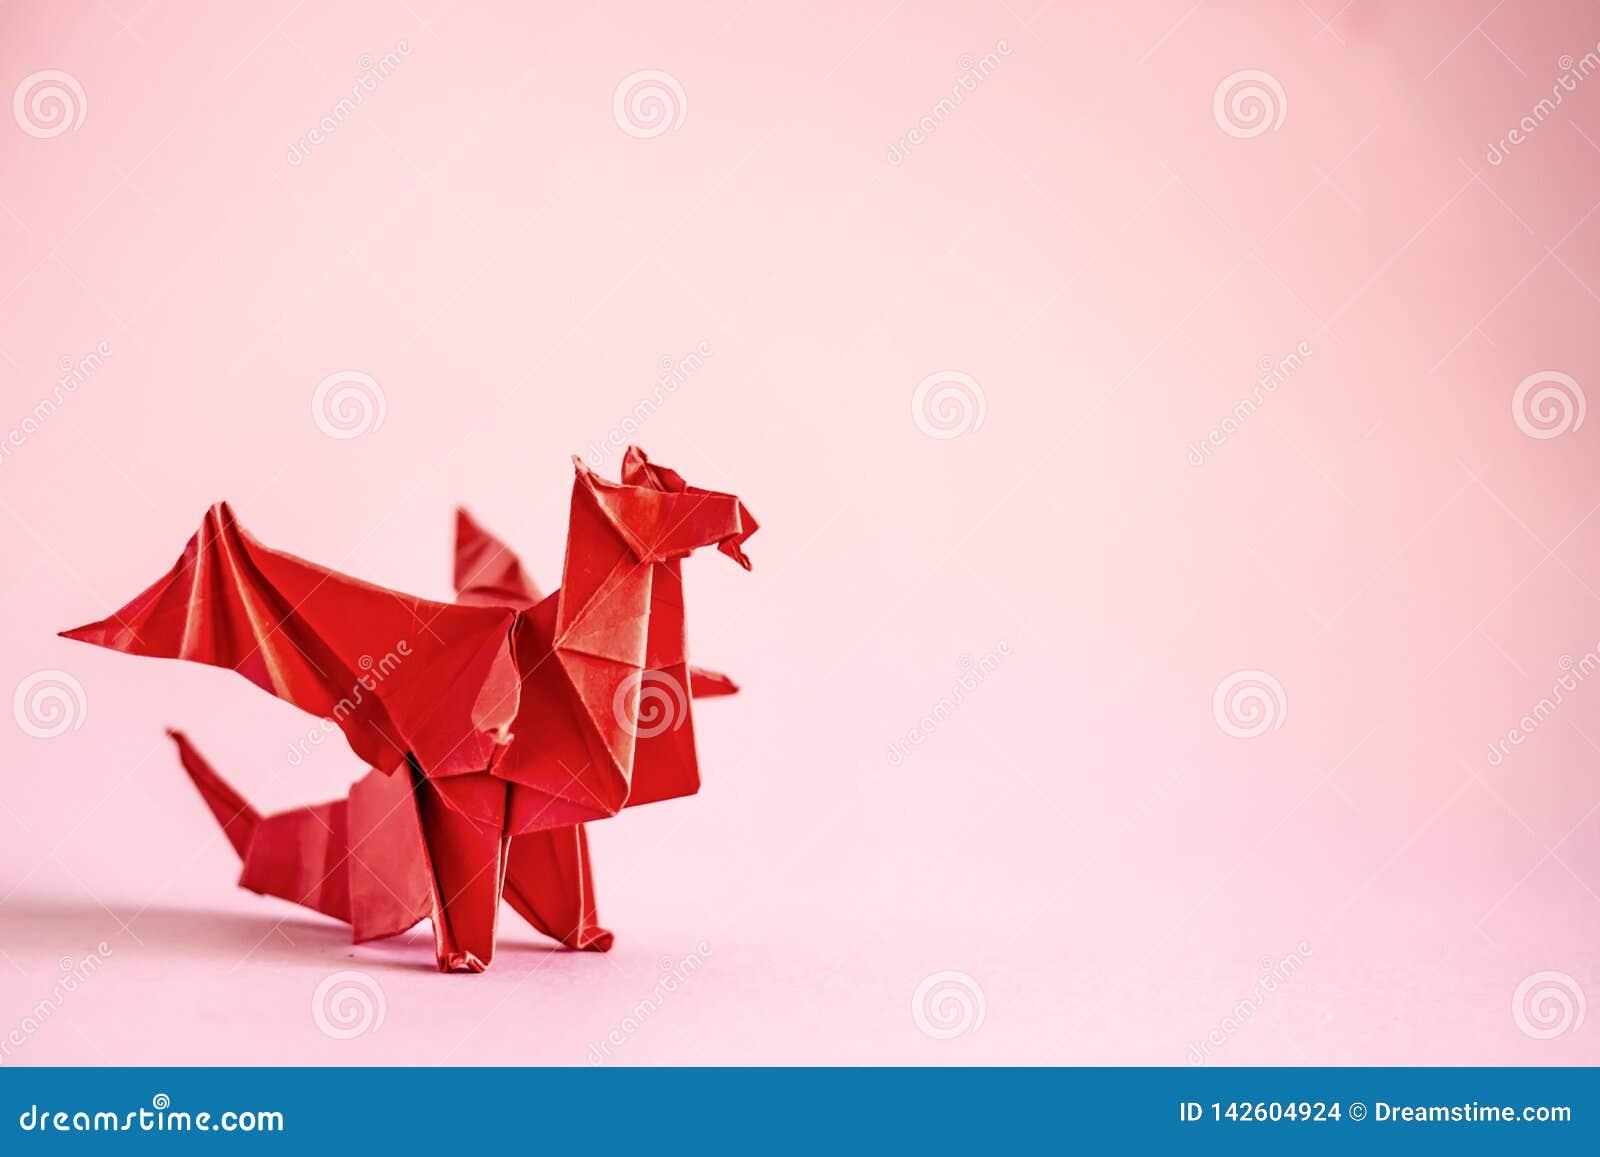 Origami?